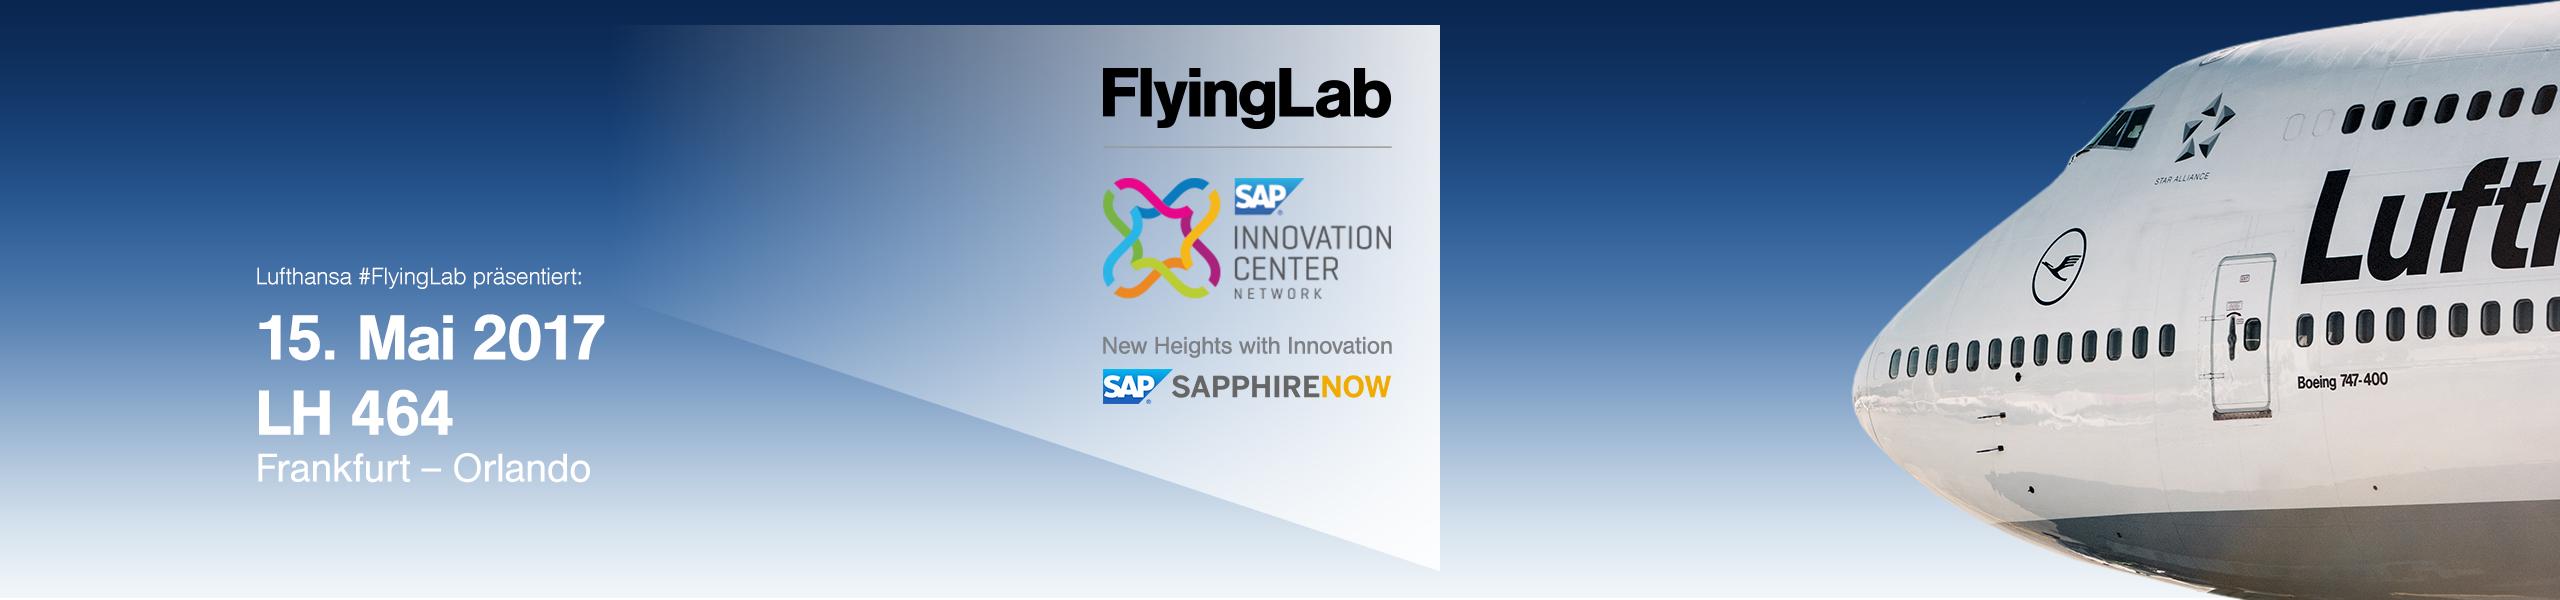 Lufthansa FlyingLab pre-Event zur SAPPHIRE NOW